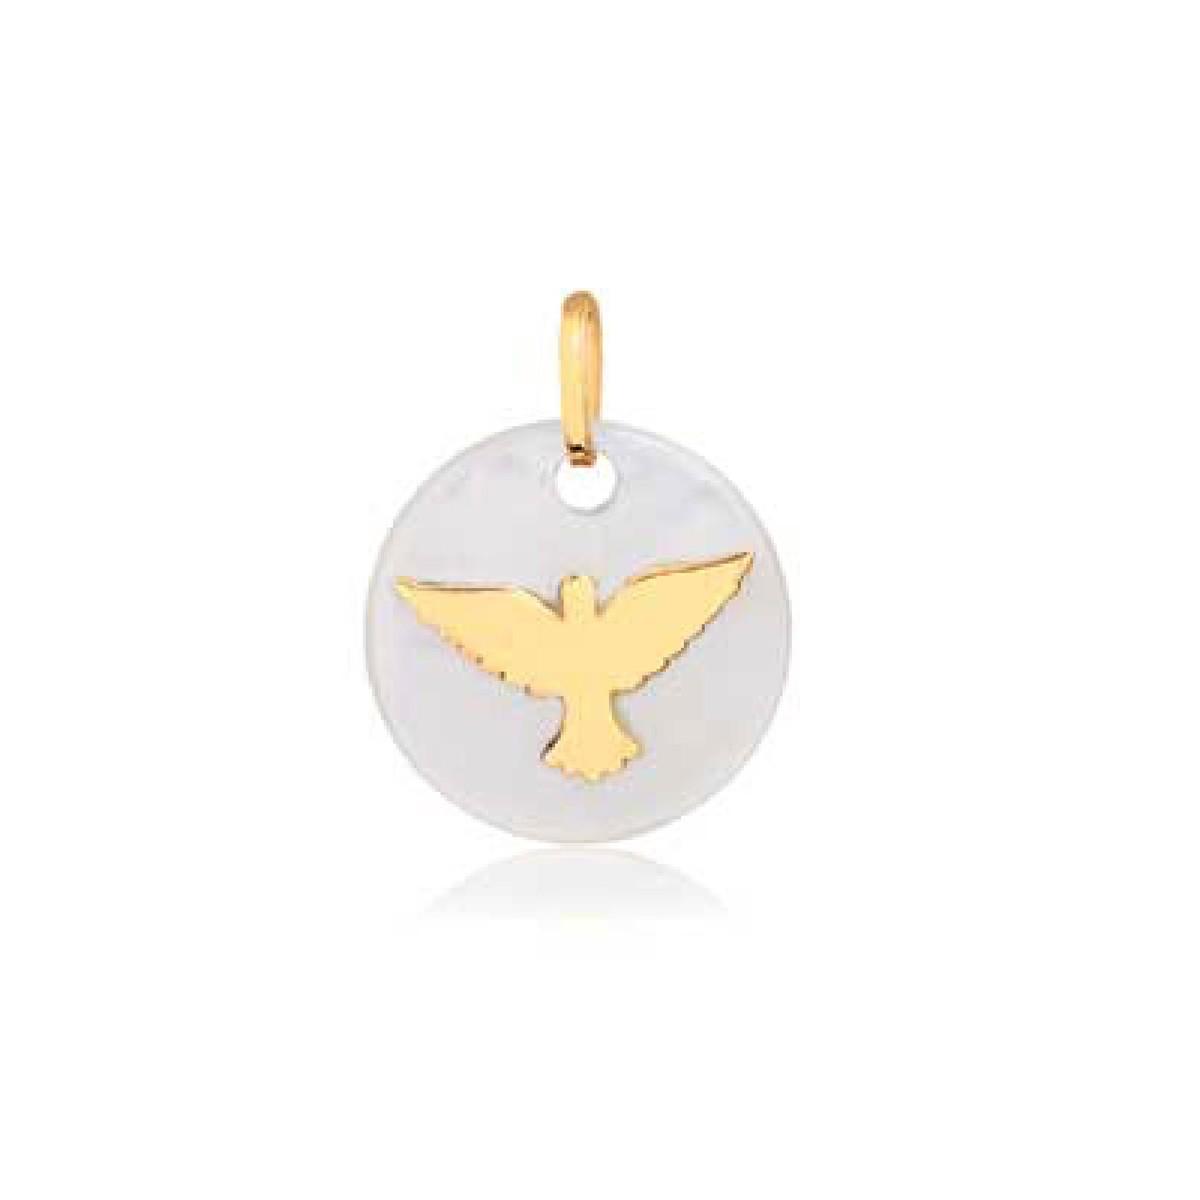 Pingente Espírito Santo em Ouro com Madre Pérola no Elo7   Stellato ... 9f7032ab56